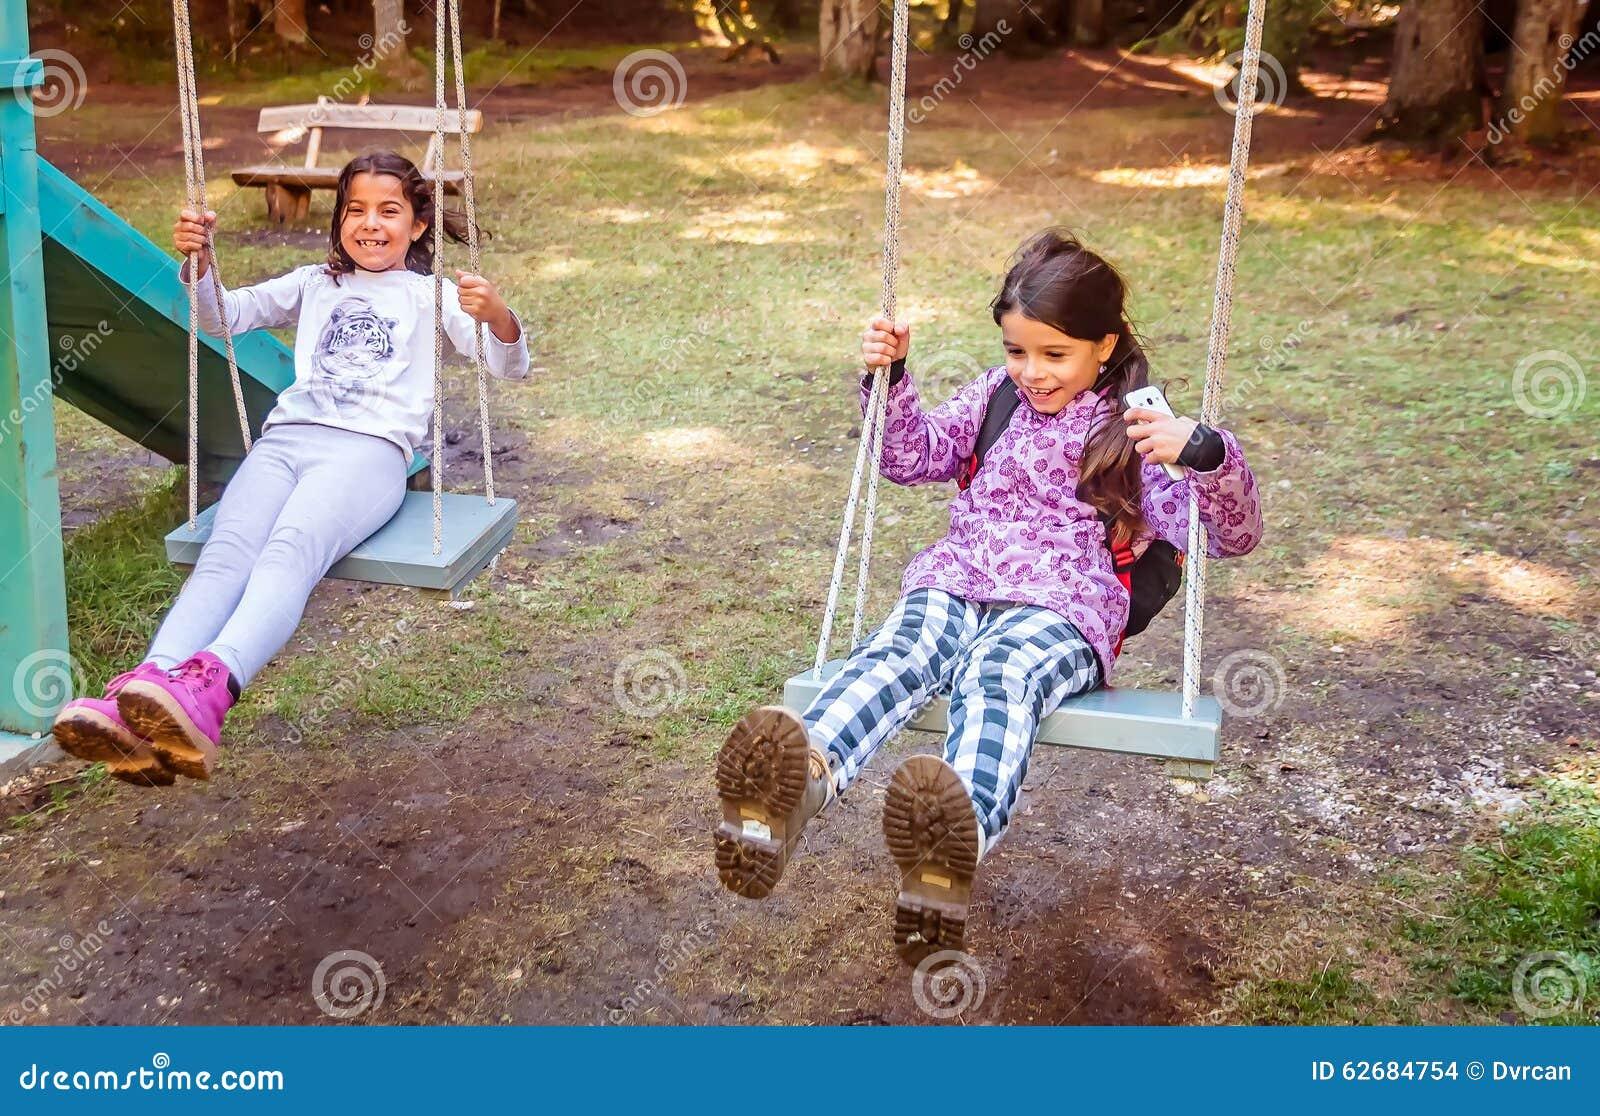 deux petites filles heureuses balan ant sur l 39 oscillation dans un terrain de jeu d 39 enfants photo. Black Bedroom Furniture Sets. Home Design Ideas